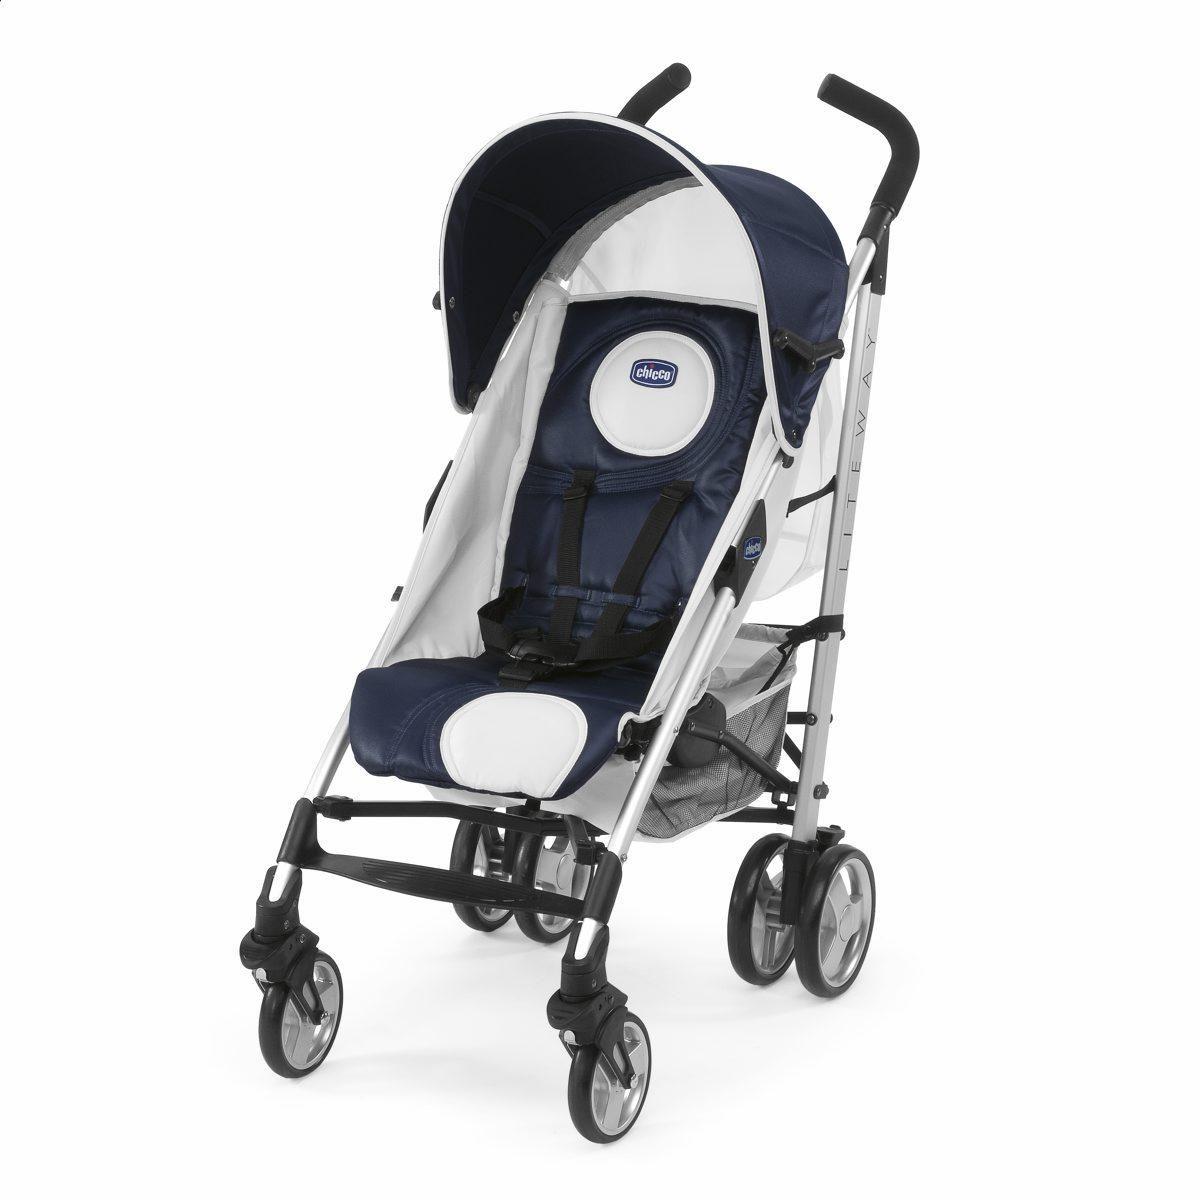 Chicco liteway carrinho beb pinterest - Milanuncios sillas de paseo ...